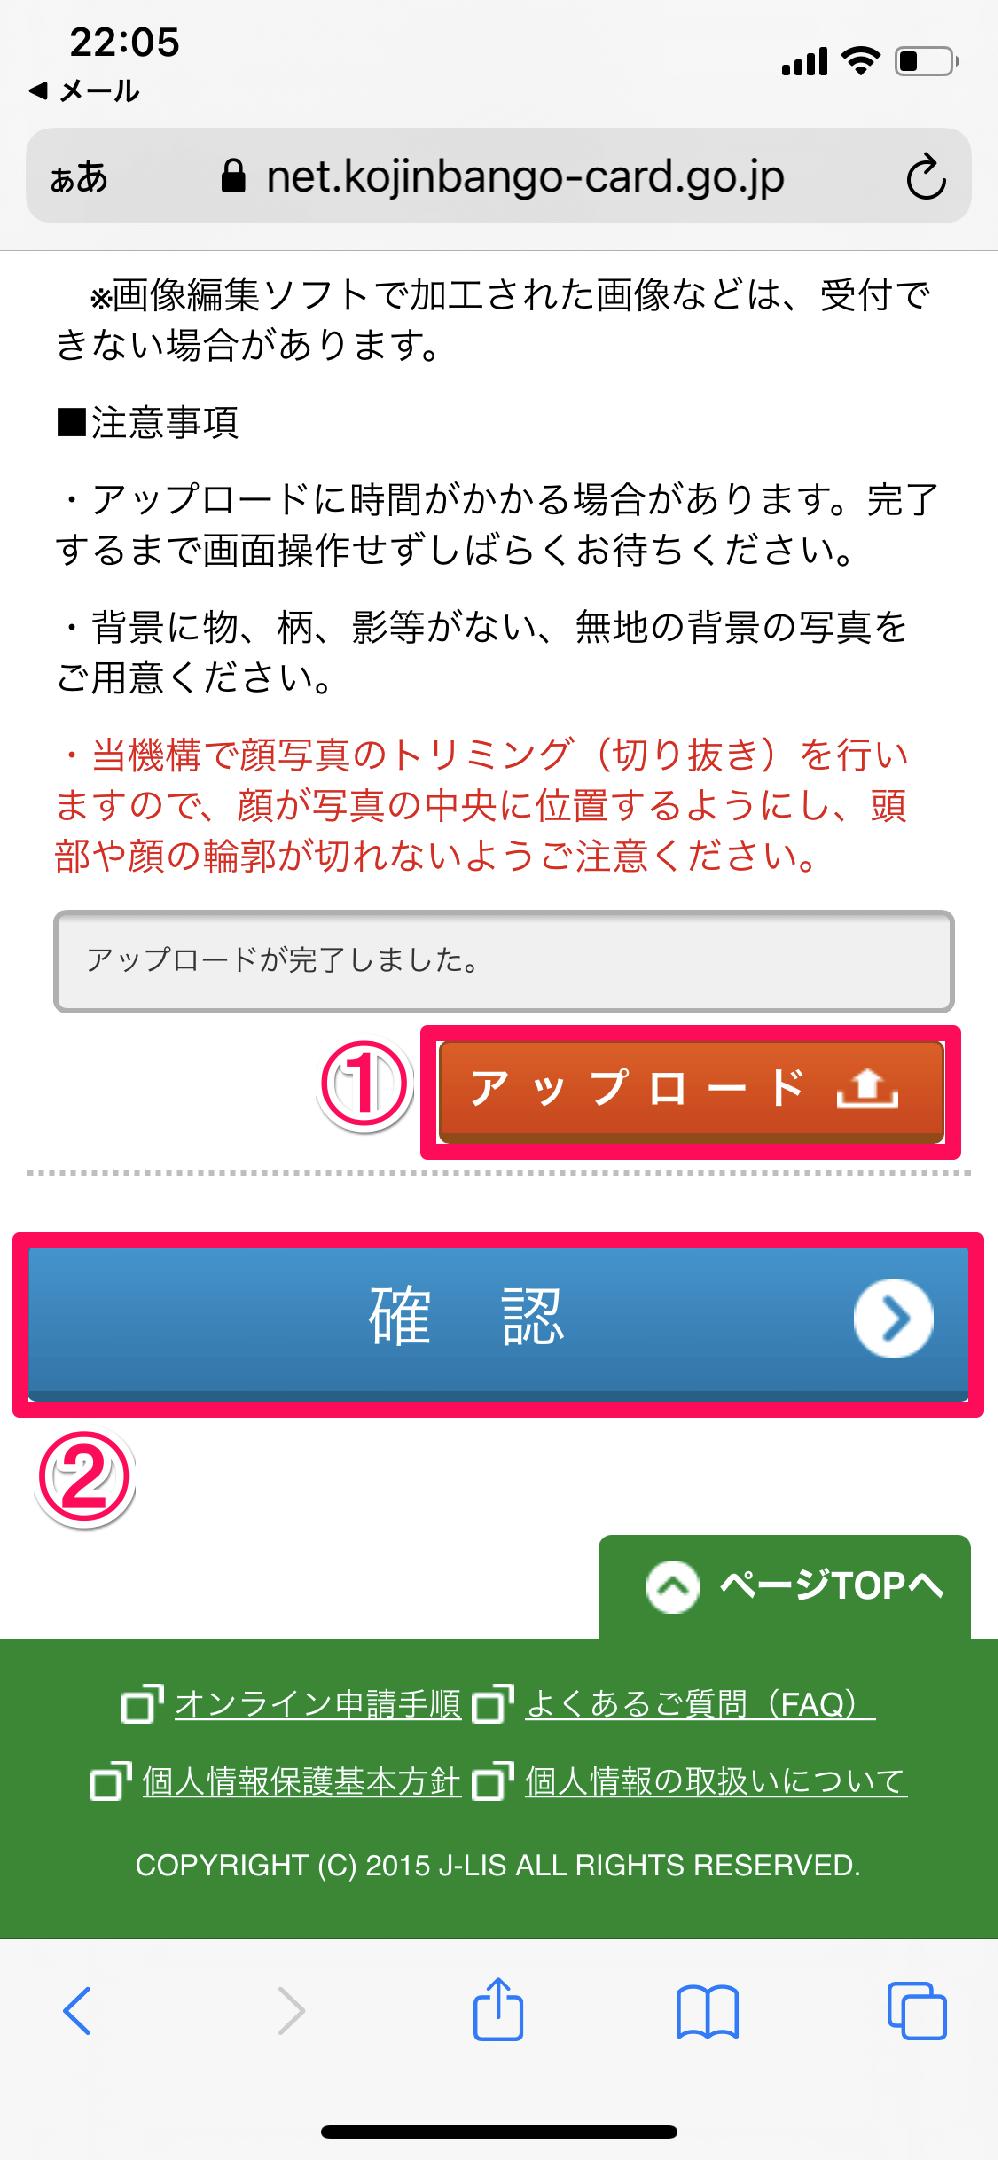 マイナンバーカードをオンラインで申請する方法。マイナポイントをもらうには4月末までに!